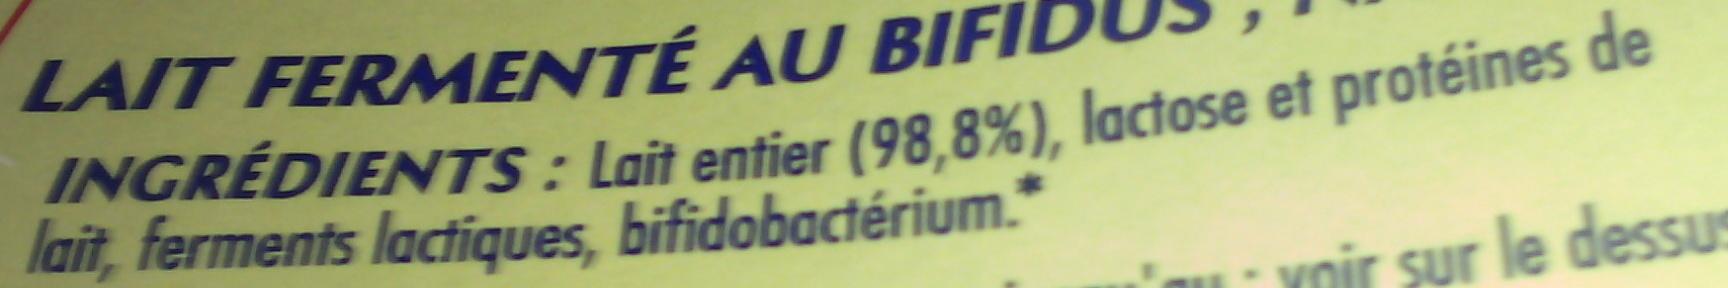 Bifidus nature (12 Pots) - Ingrediënten